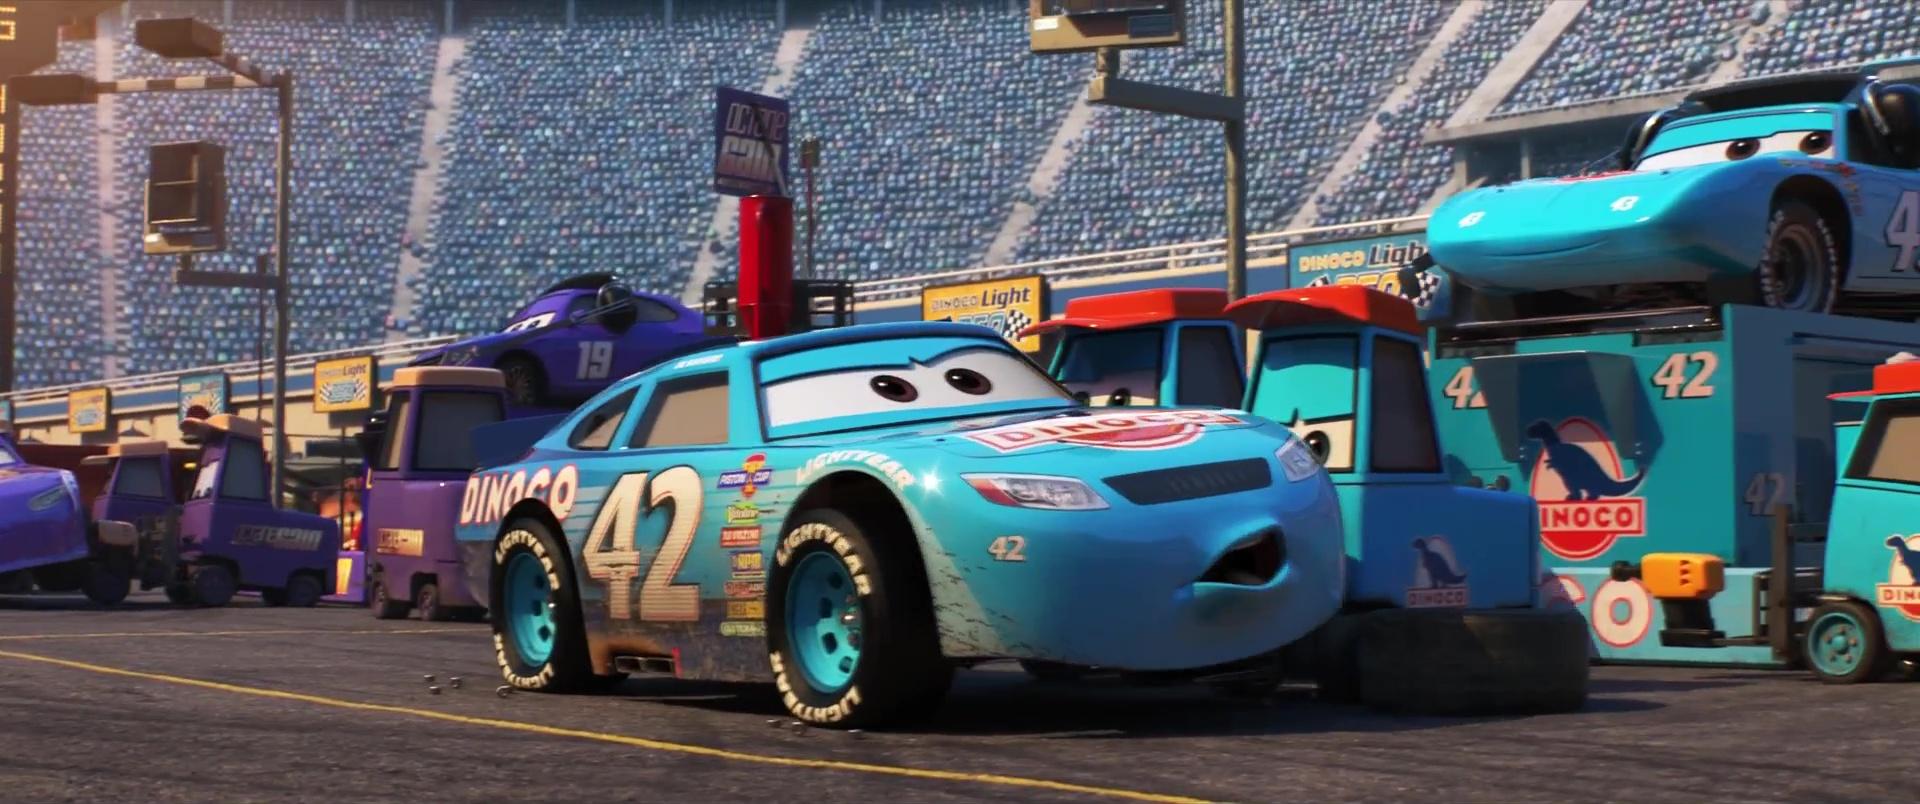 Cal Weathers Personnage Dans Cars 3 Pixar Planet Fr